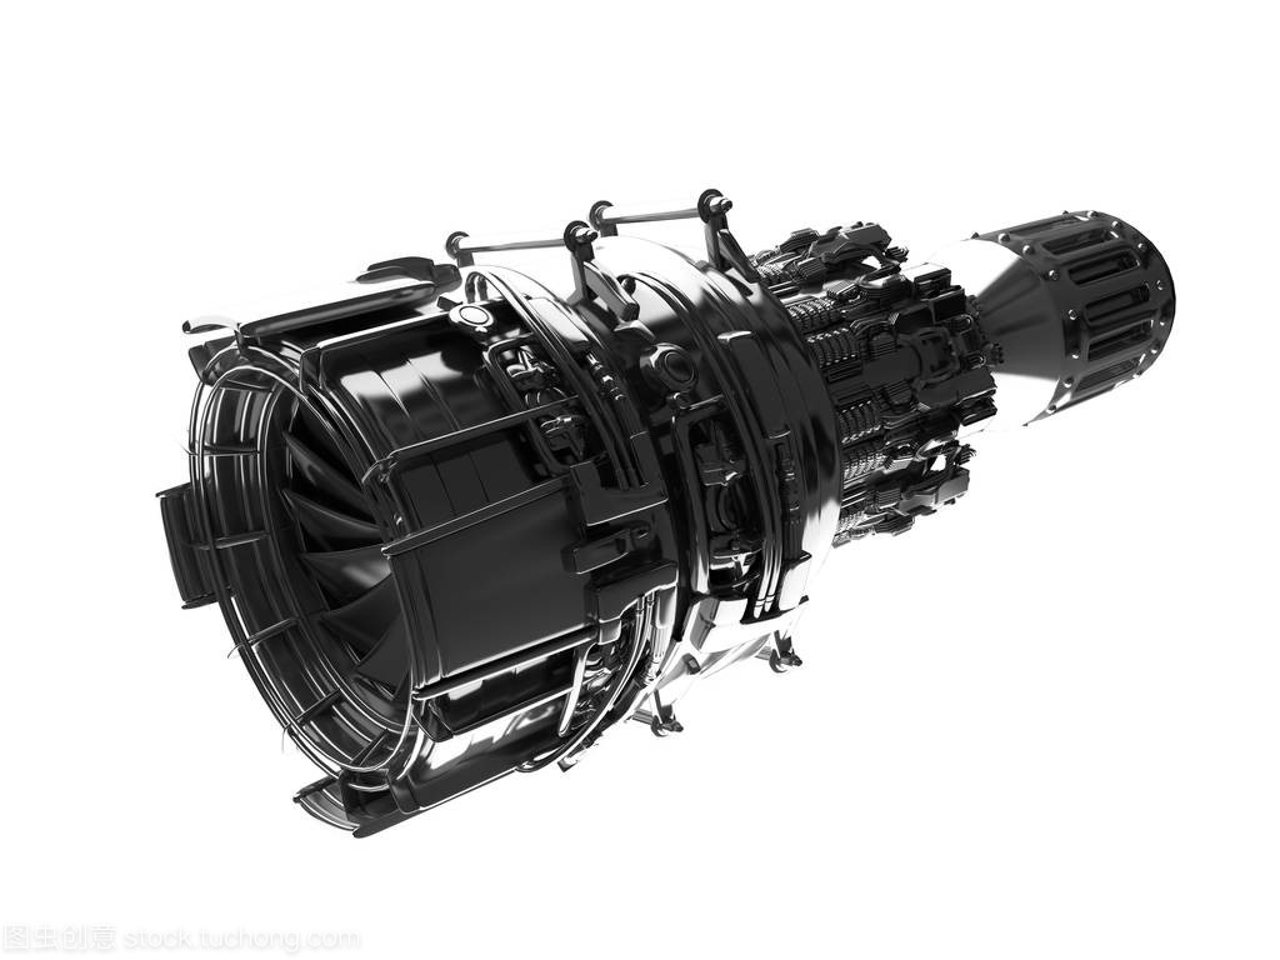 喷气发动机涡轮叶片的飞机、 飞机概念、 航空